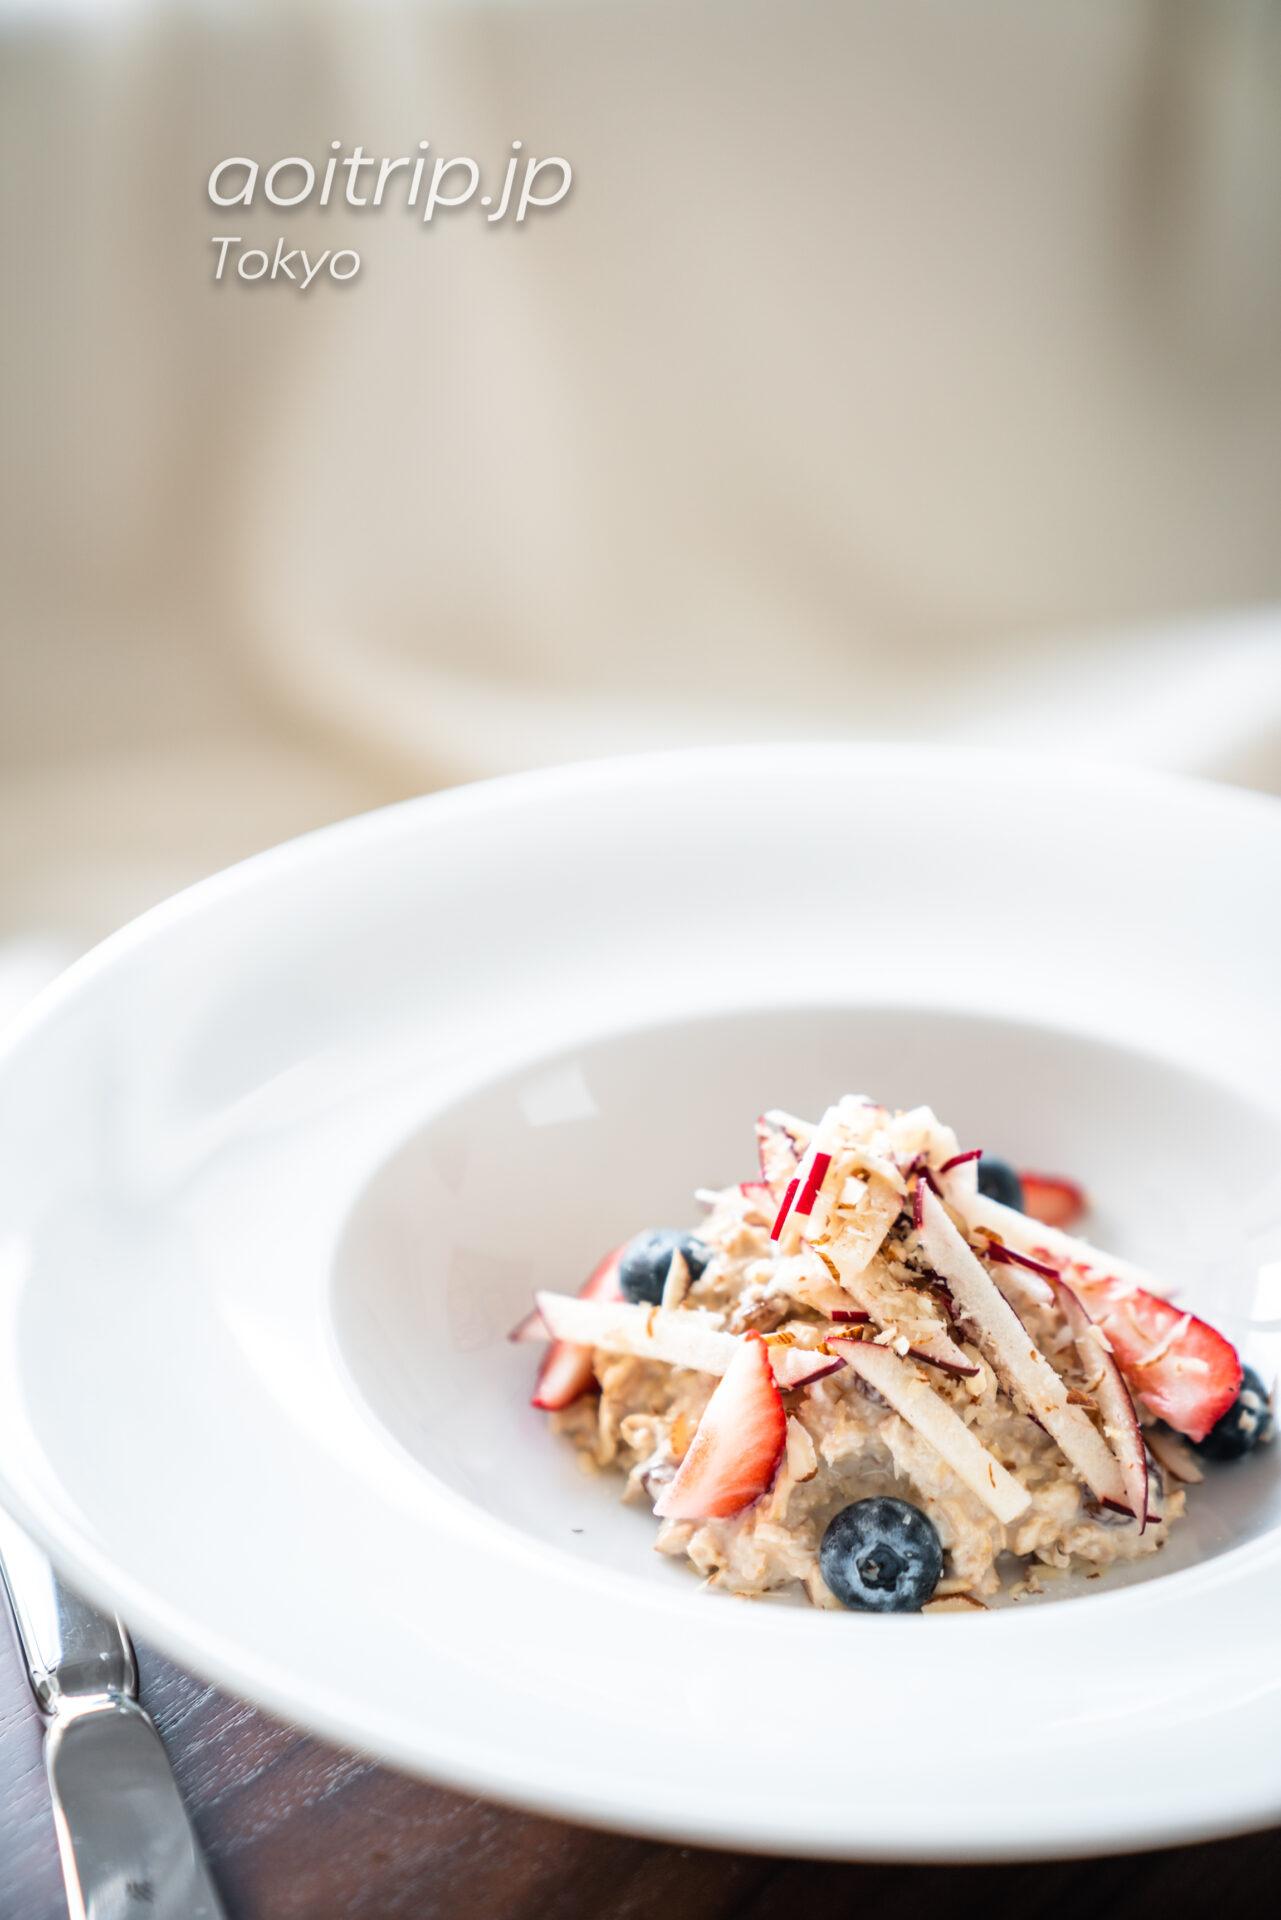 東京エディション虎ノ門 インルームダイニングの朝食 In Room Dining ホームメイドミューズリー